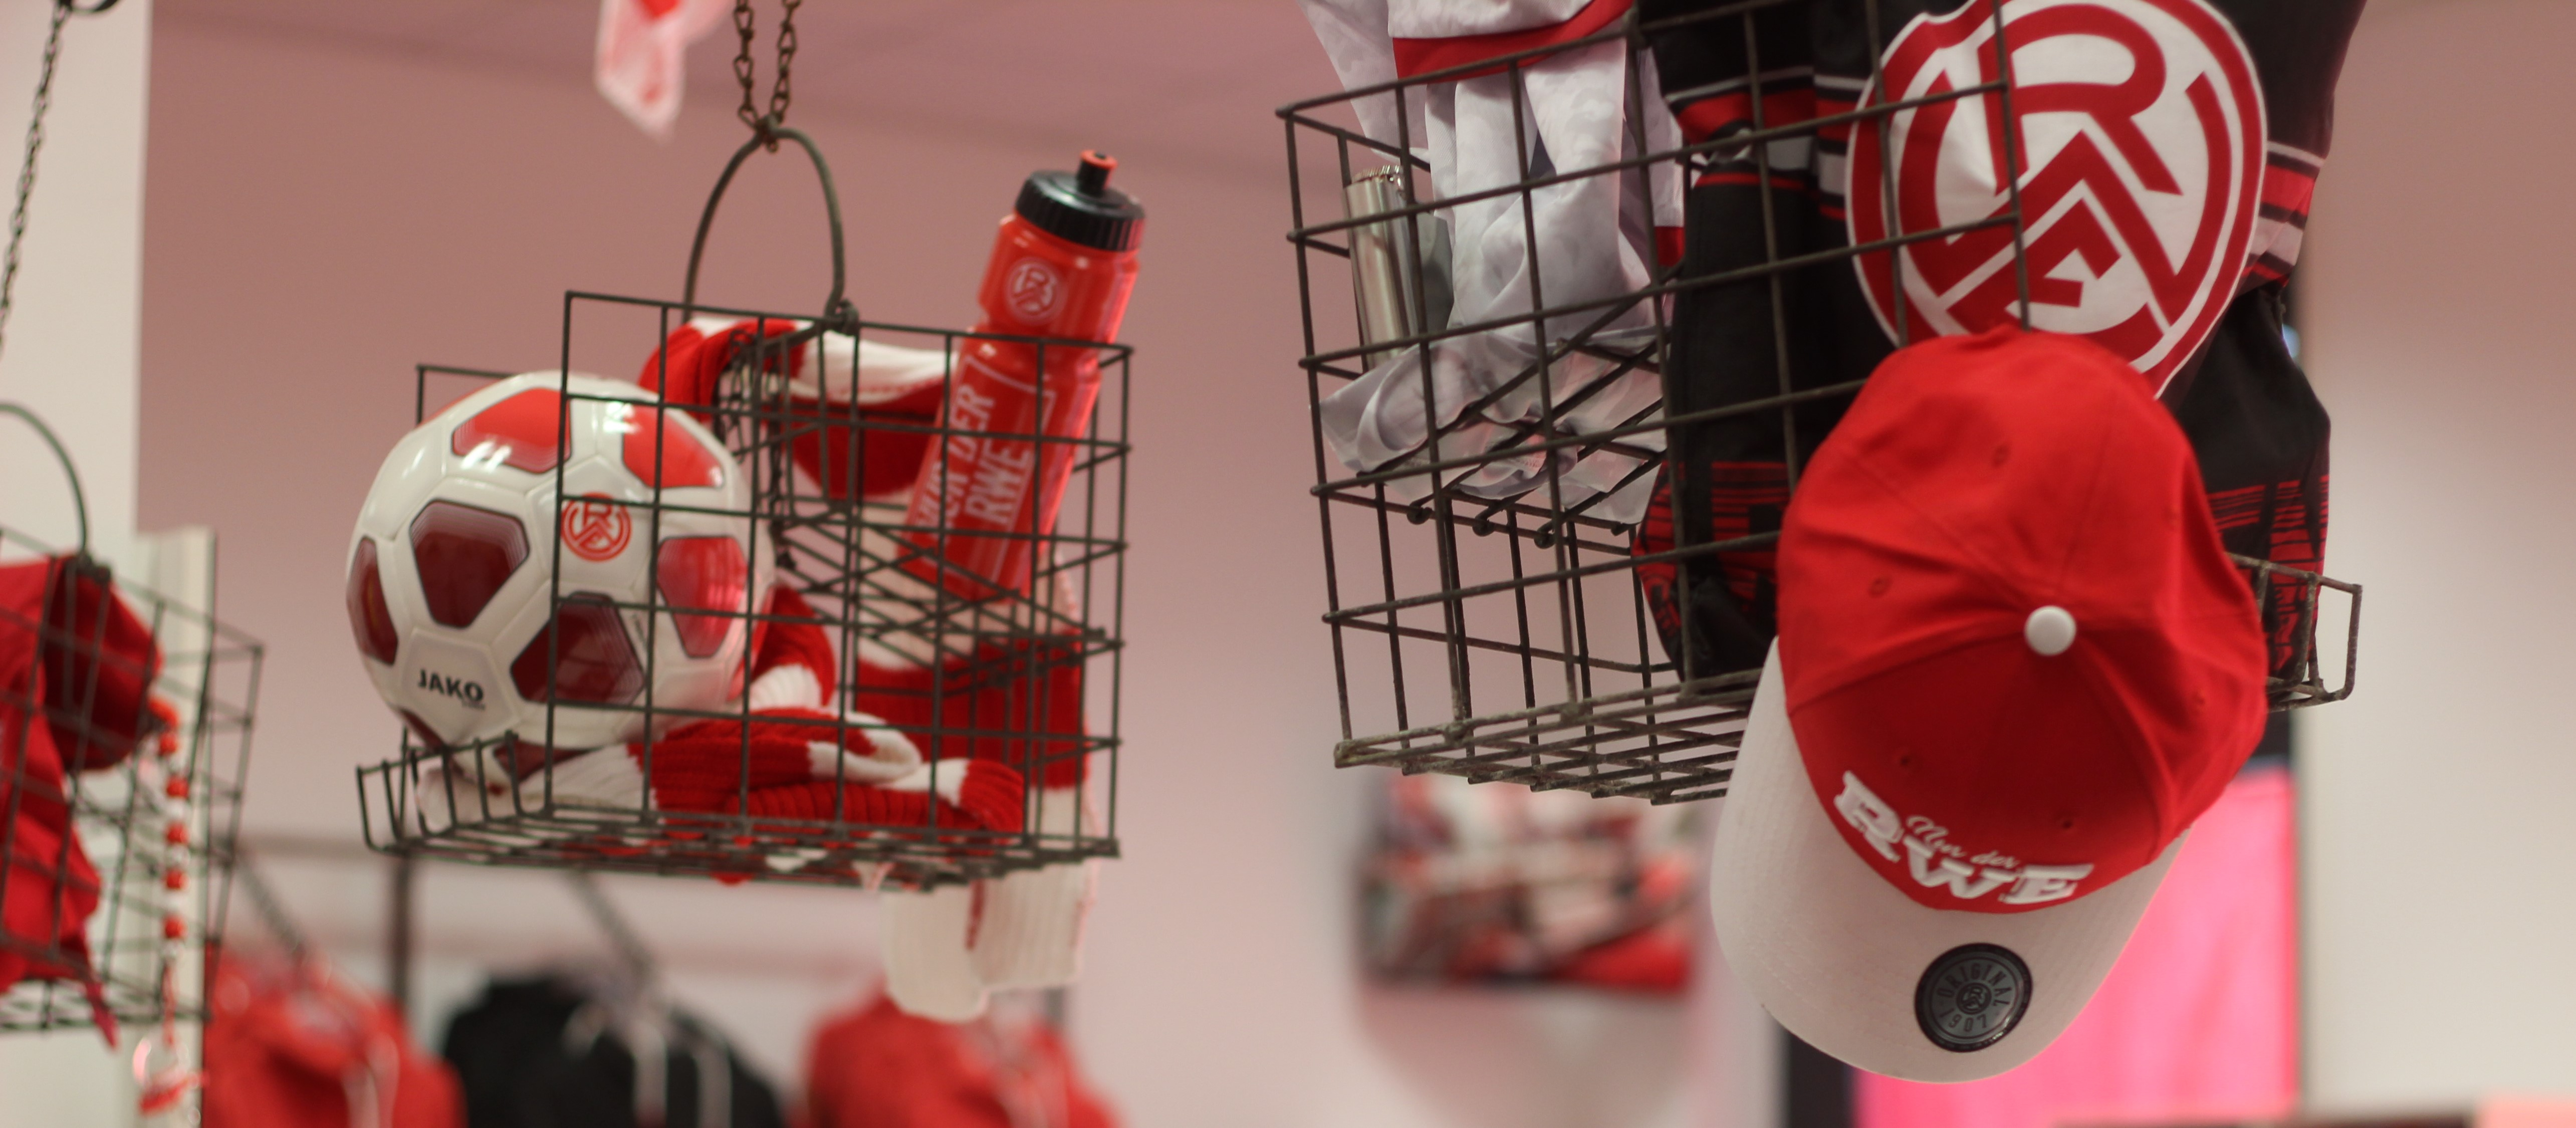 Im Onlineshop finden Rot-Weisse zahlreiche Artikel rund um den Verein von der Hafenstraße. (Foto: Endberg)